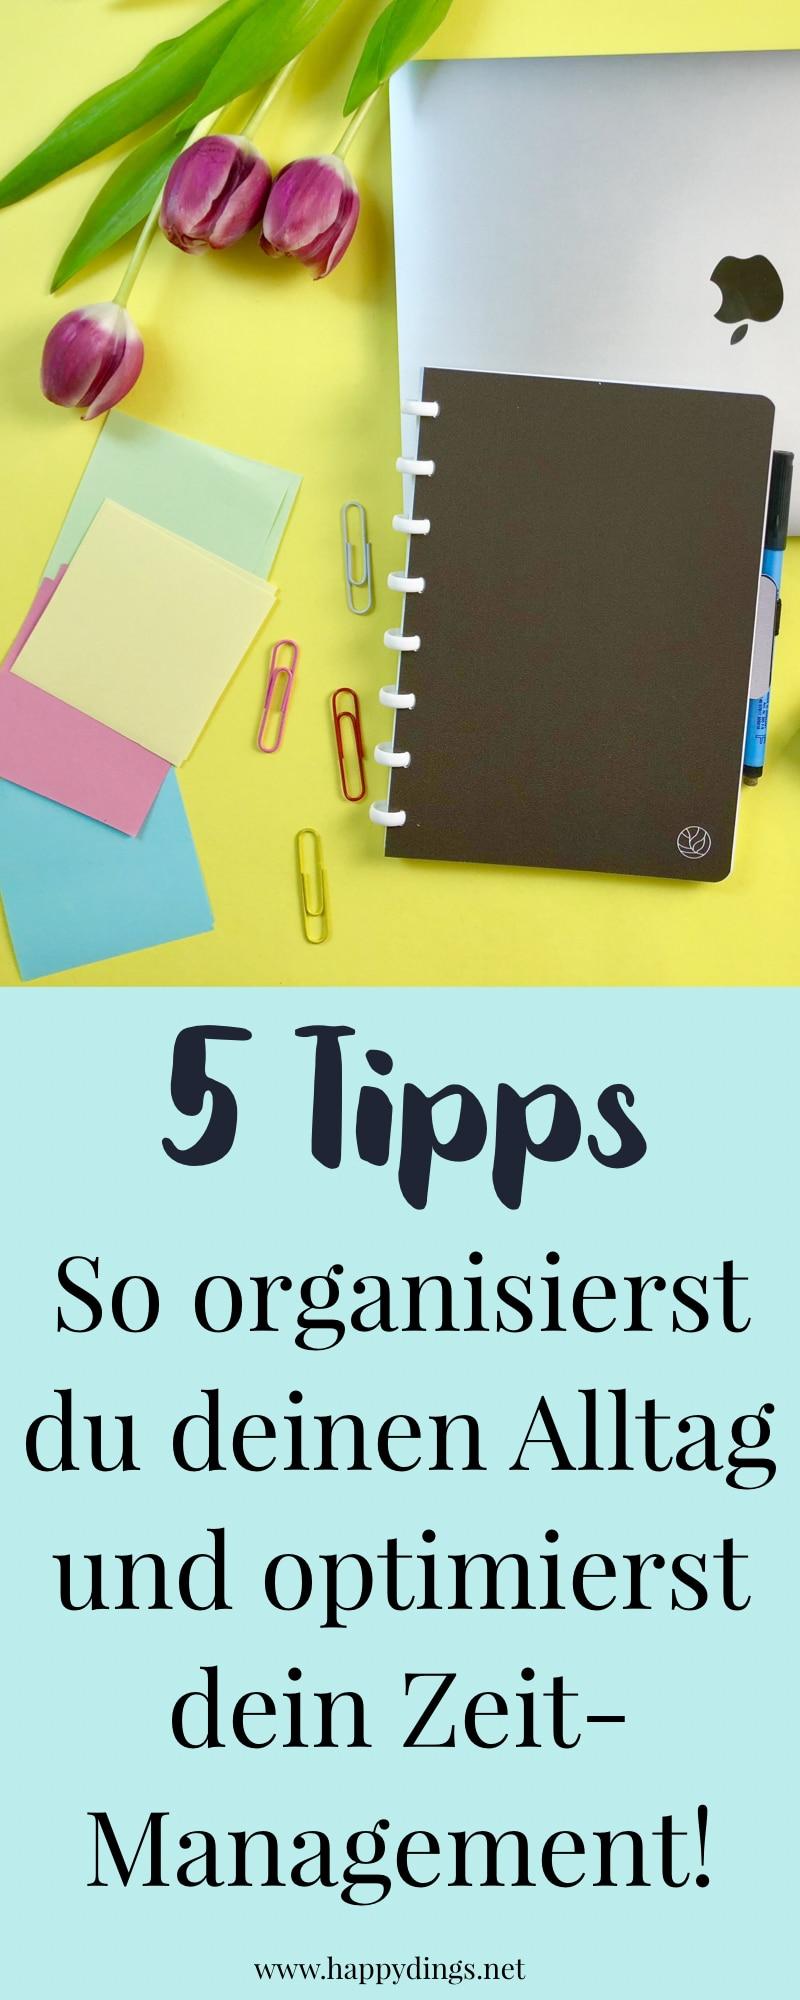 Tipps für deine Arbeitsorganisation und dein Zeitmanagement